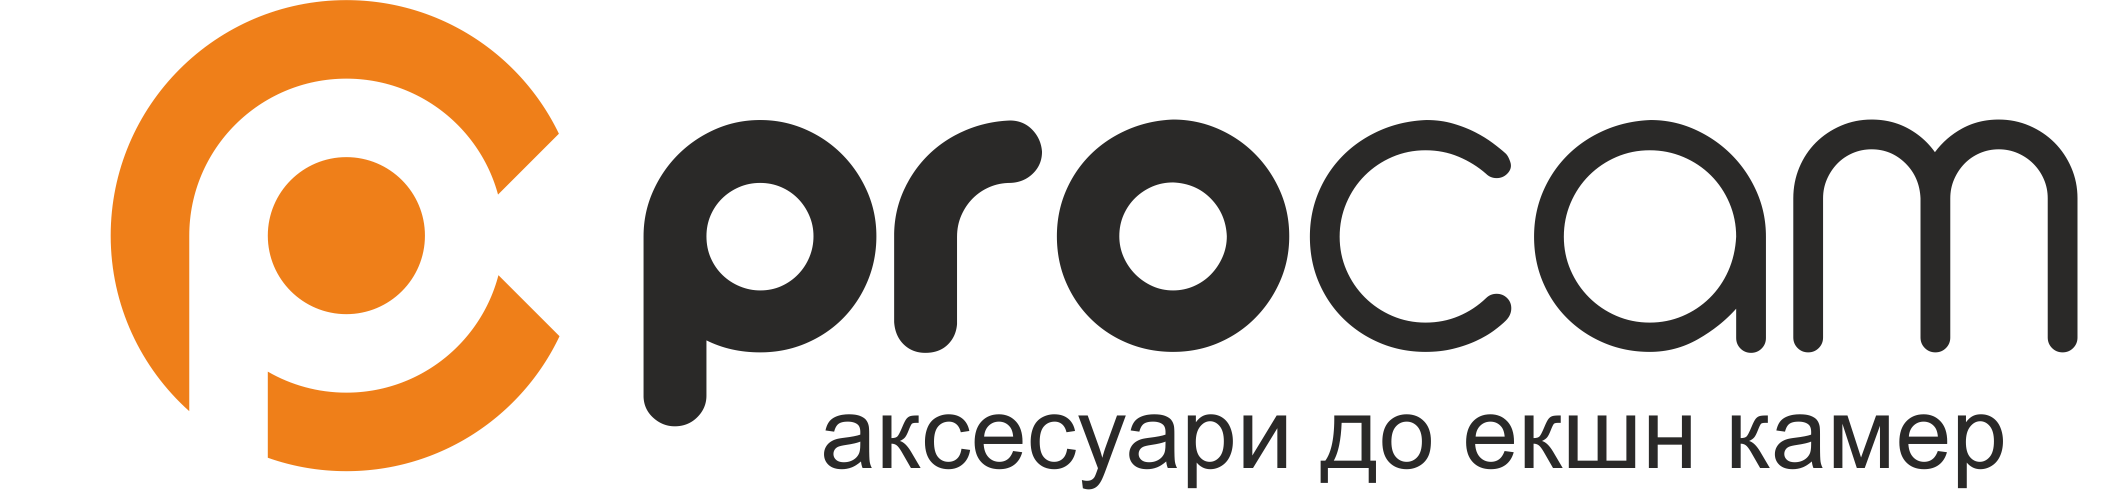 Proсam - Экшн камеры и аксессуары